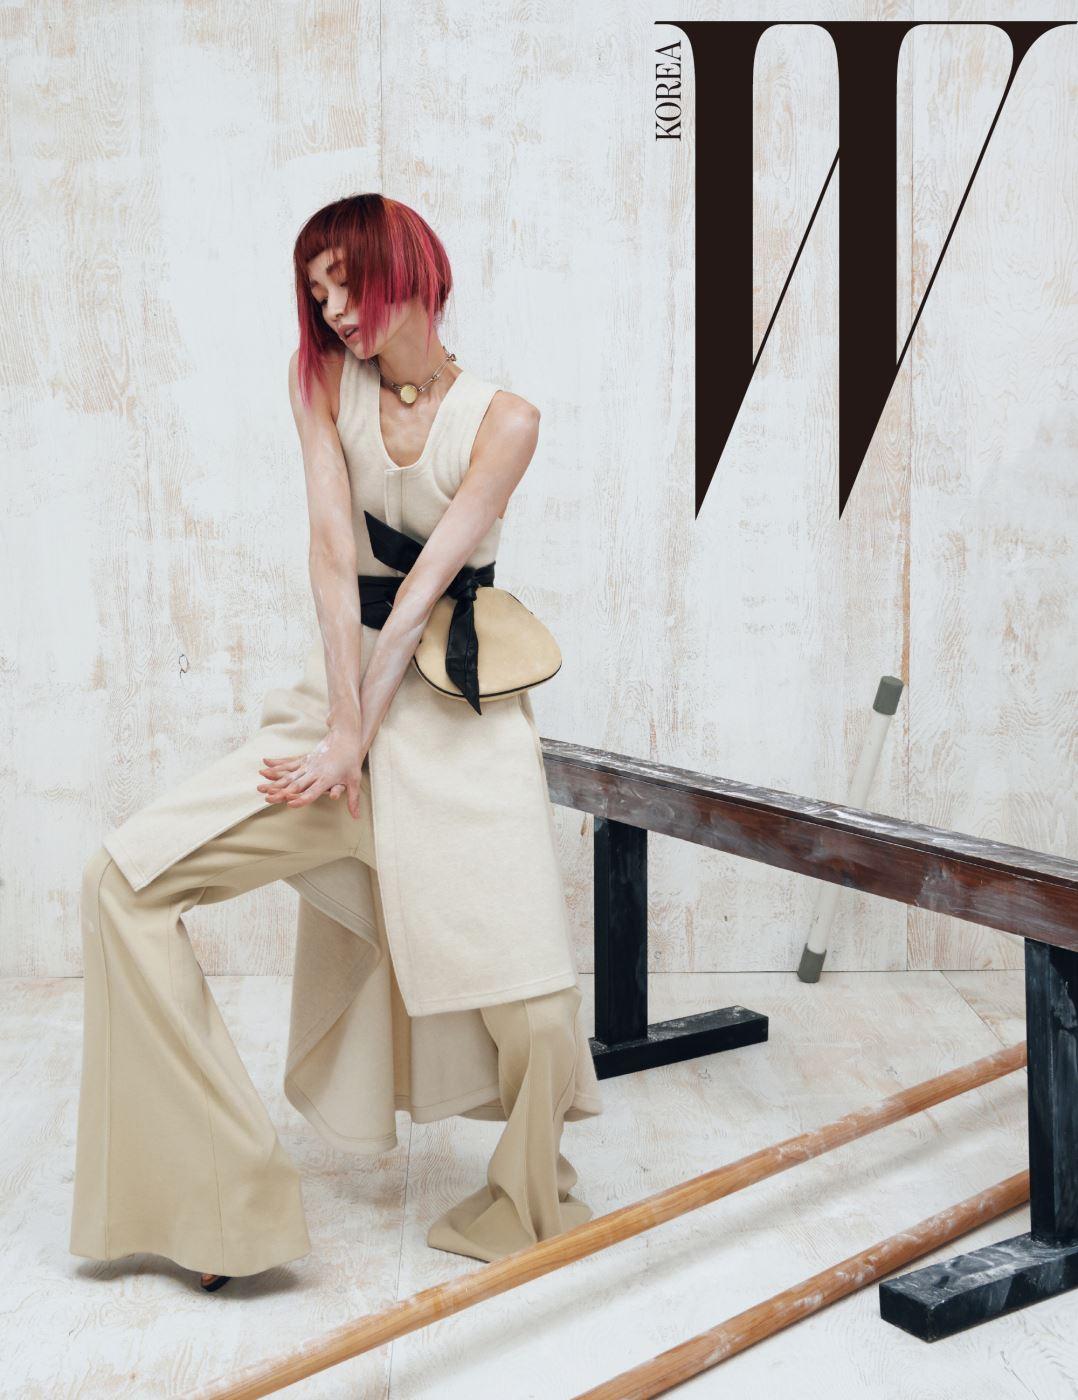 롱 A 라인 실루엣의 니트 톱과 플레어 팬츠, 허리에 묶어 연출한 스웨이드 소재 백, 목걸이는 모두 Céline 제품.